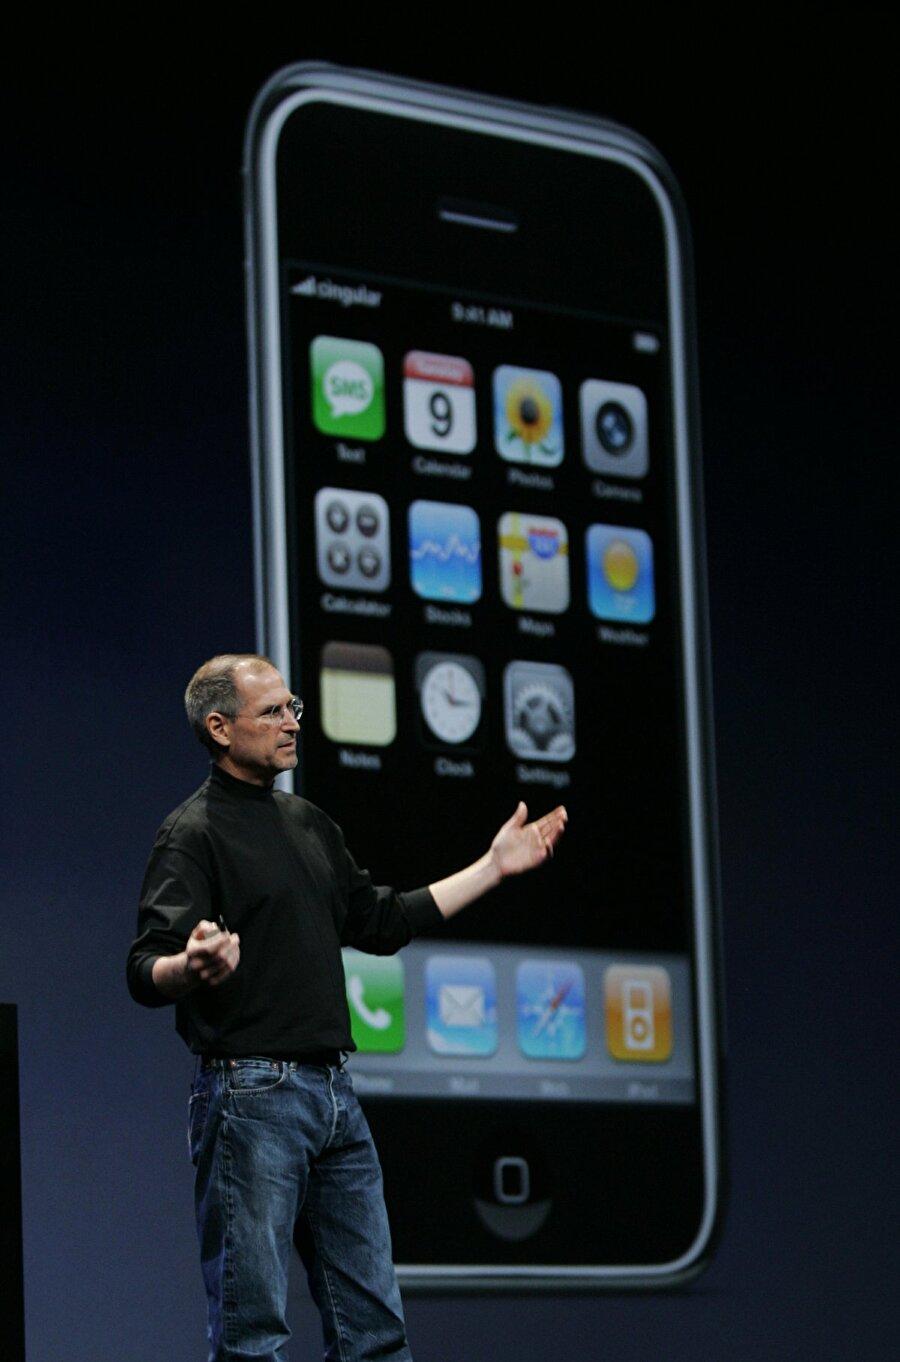 2007: Tamamen dokunmatik ekranlı olarak tasarlanan ve birçok özellikle donatılan kullanıcı dostu ilk iPhone tanıtıldı!